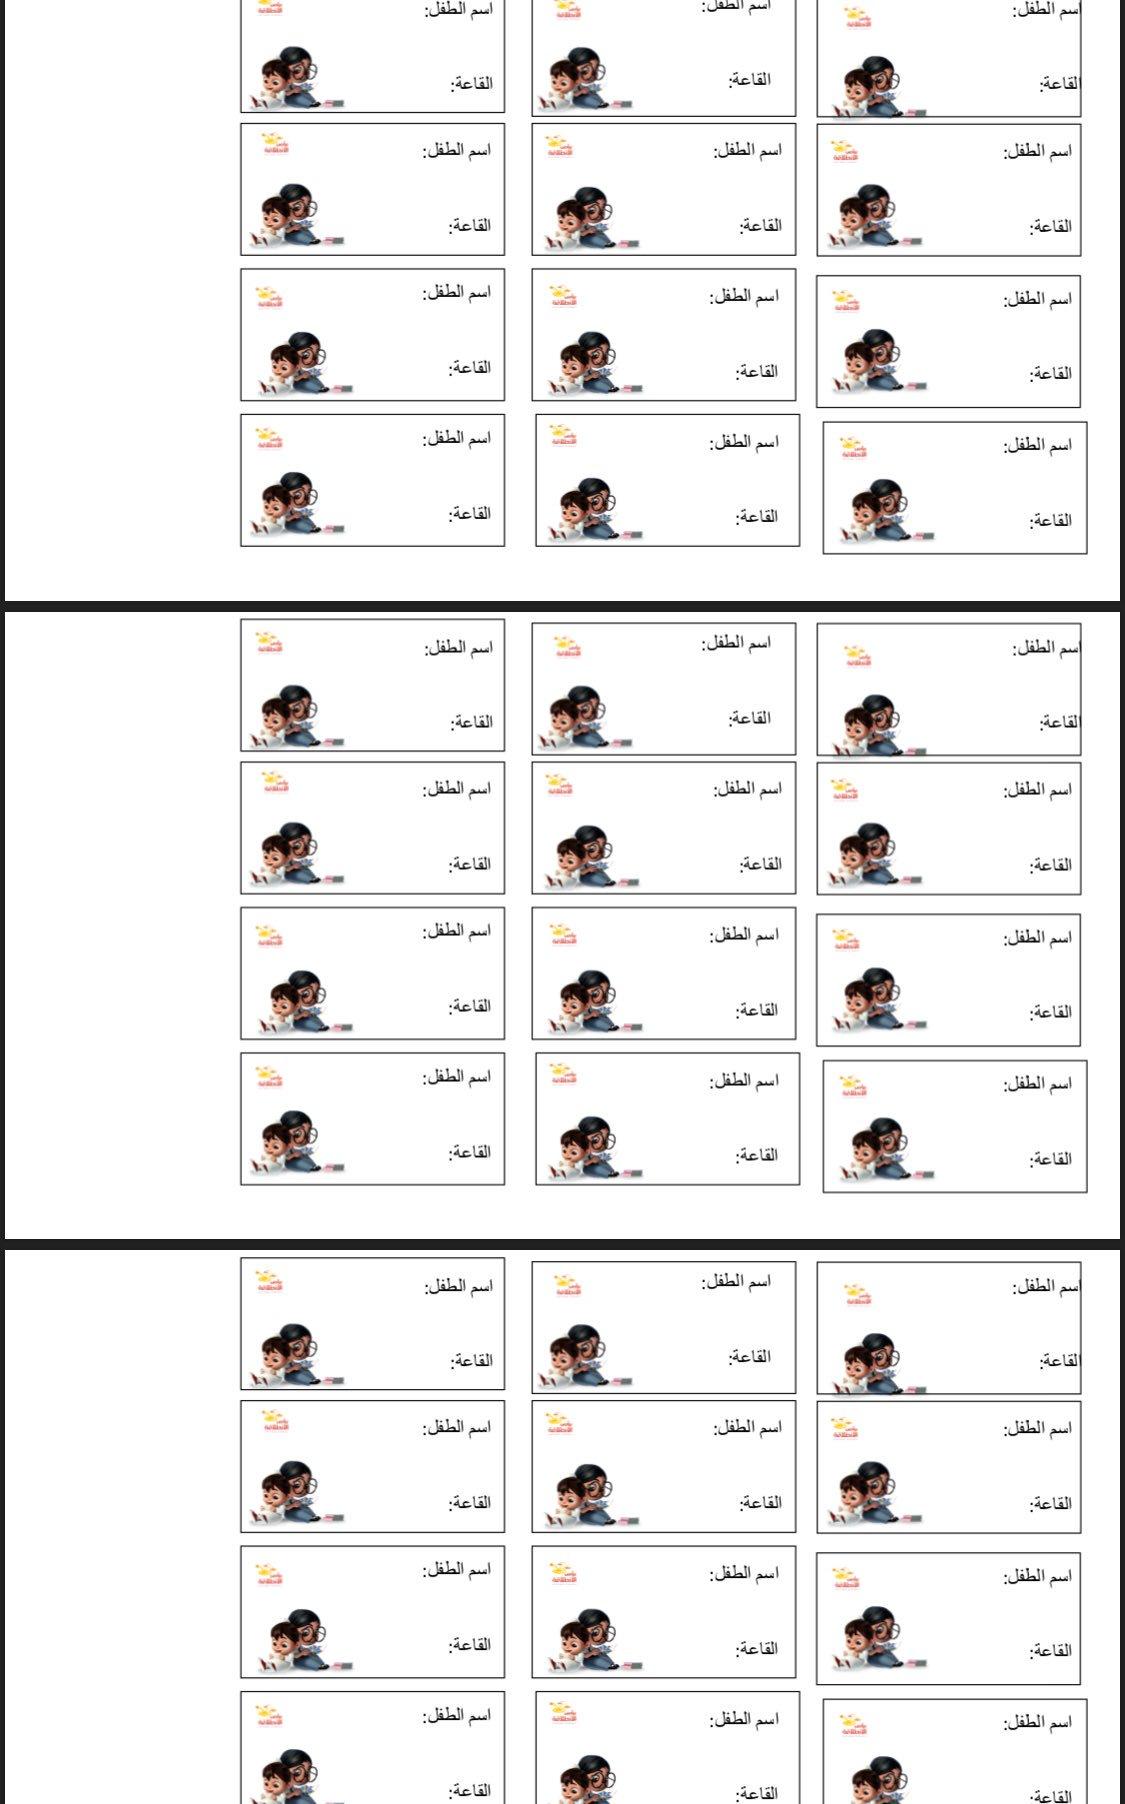 منيرة أباالخيل On Twitter صممت بطاقات تعريف للاطفال اول مايجون يلبسونها عشان ماتنسين اسم الطفل